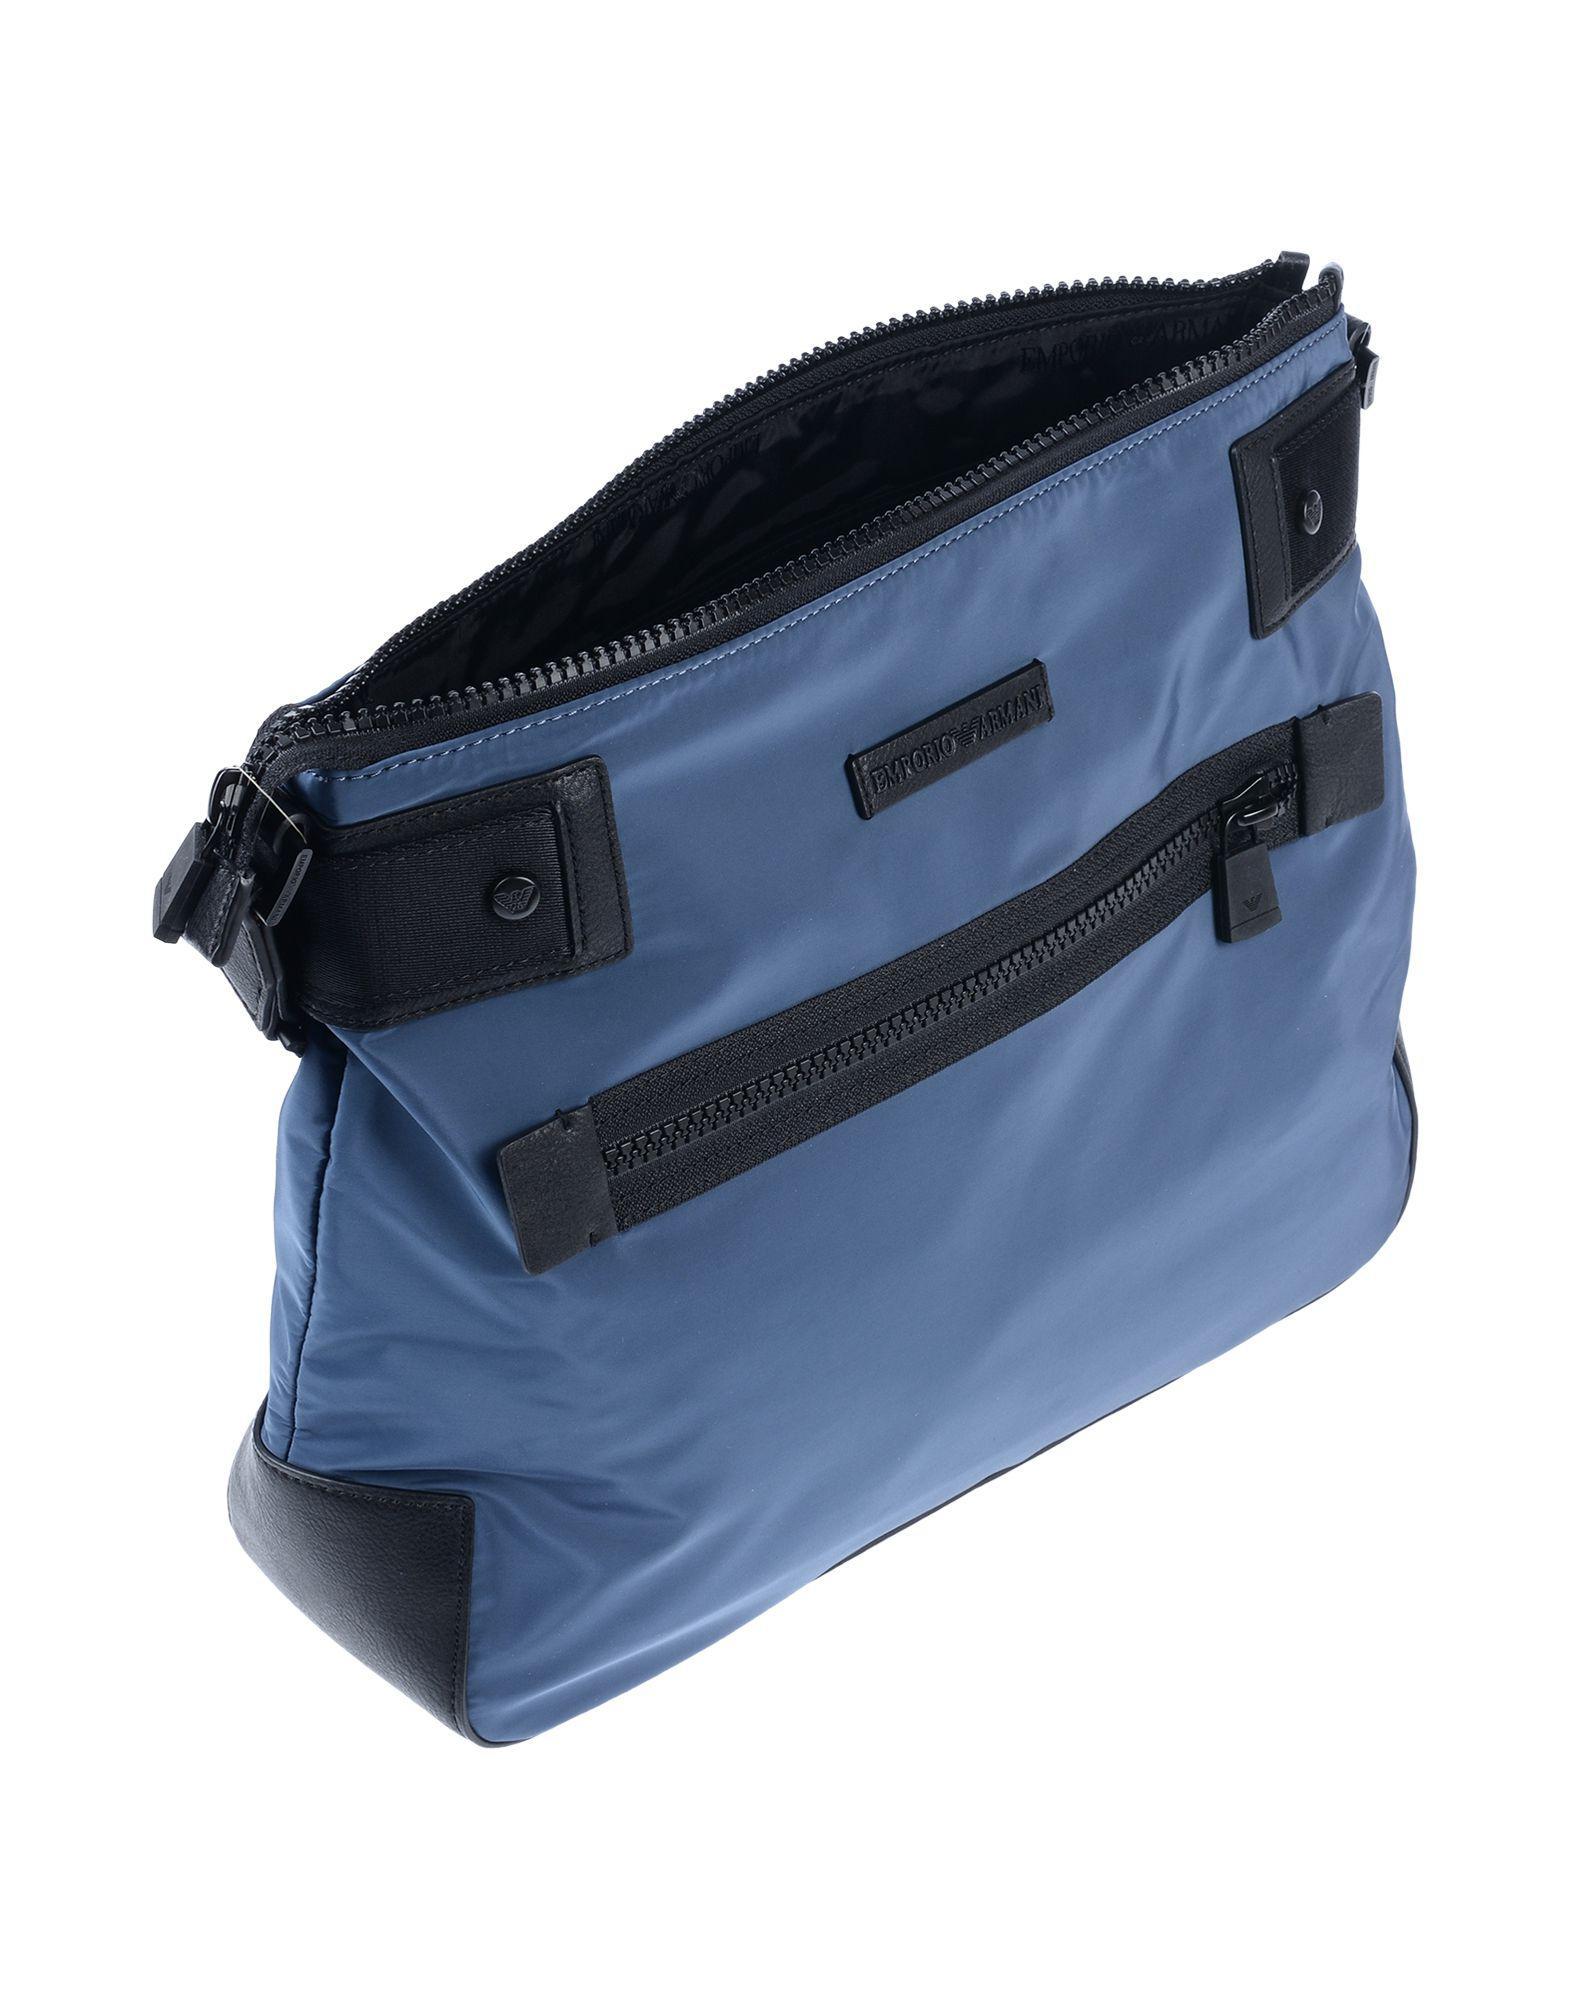 75e1f977ffd4 Lyst - Emporio Armani Cross-body Bag in Blue for Men